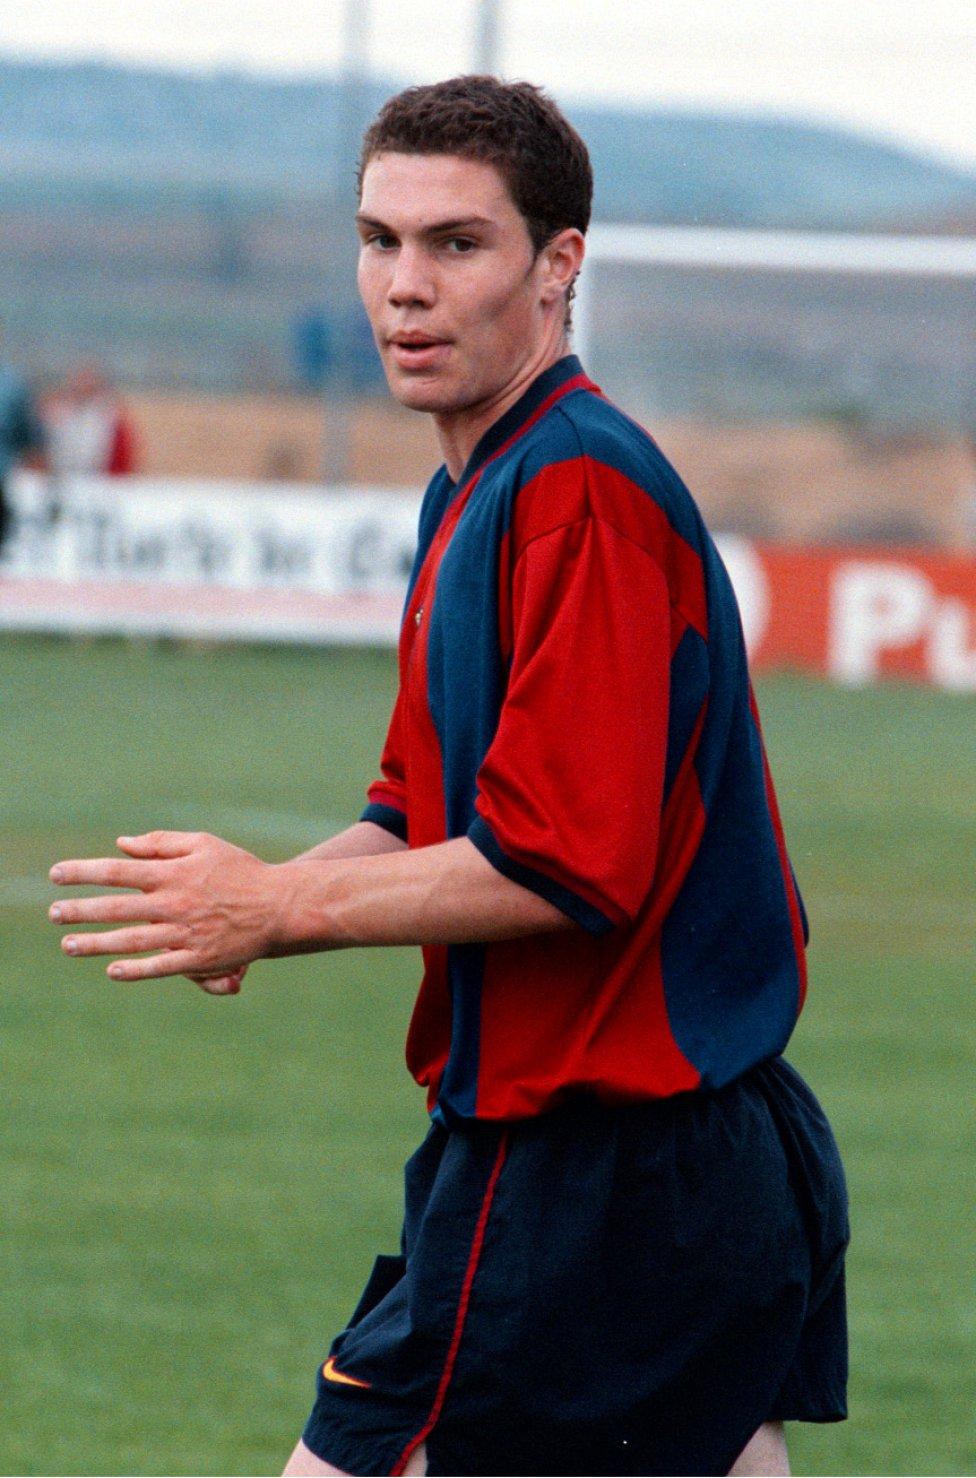 Nano. Alternó el Barcelona 'B' con el primer equipo desde 1998 hasta el 2003. Militó en el Getafe la temporada 2005-06.